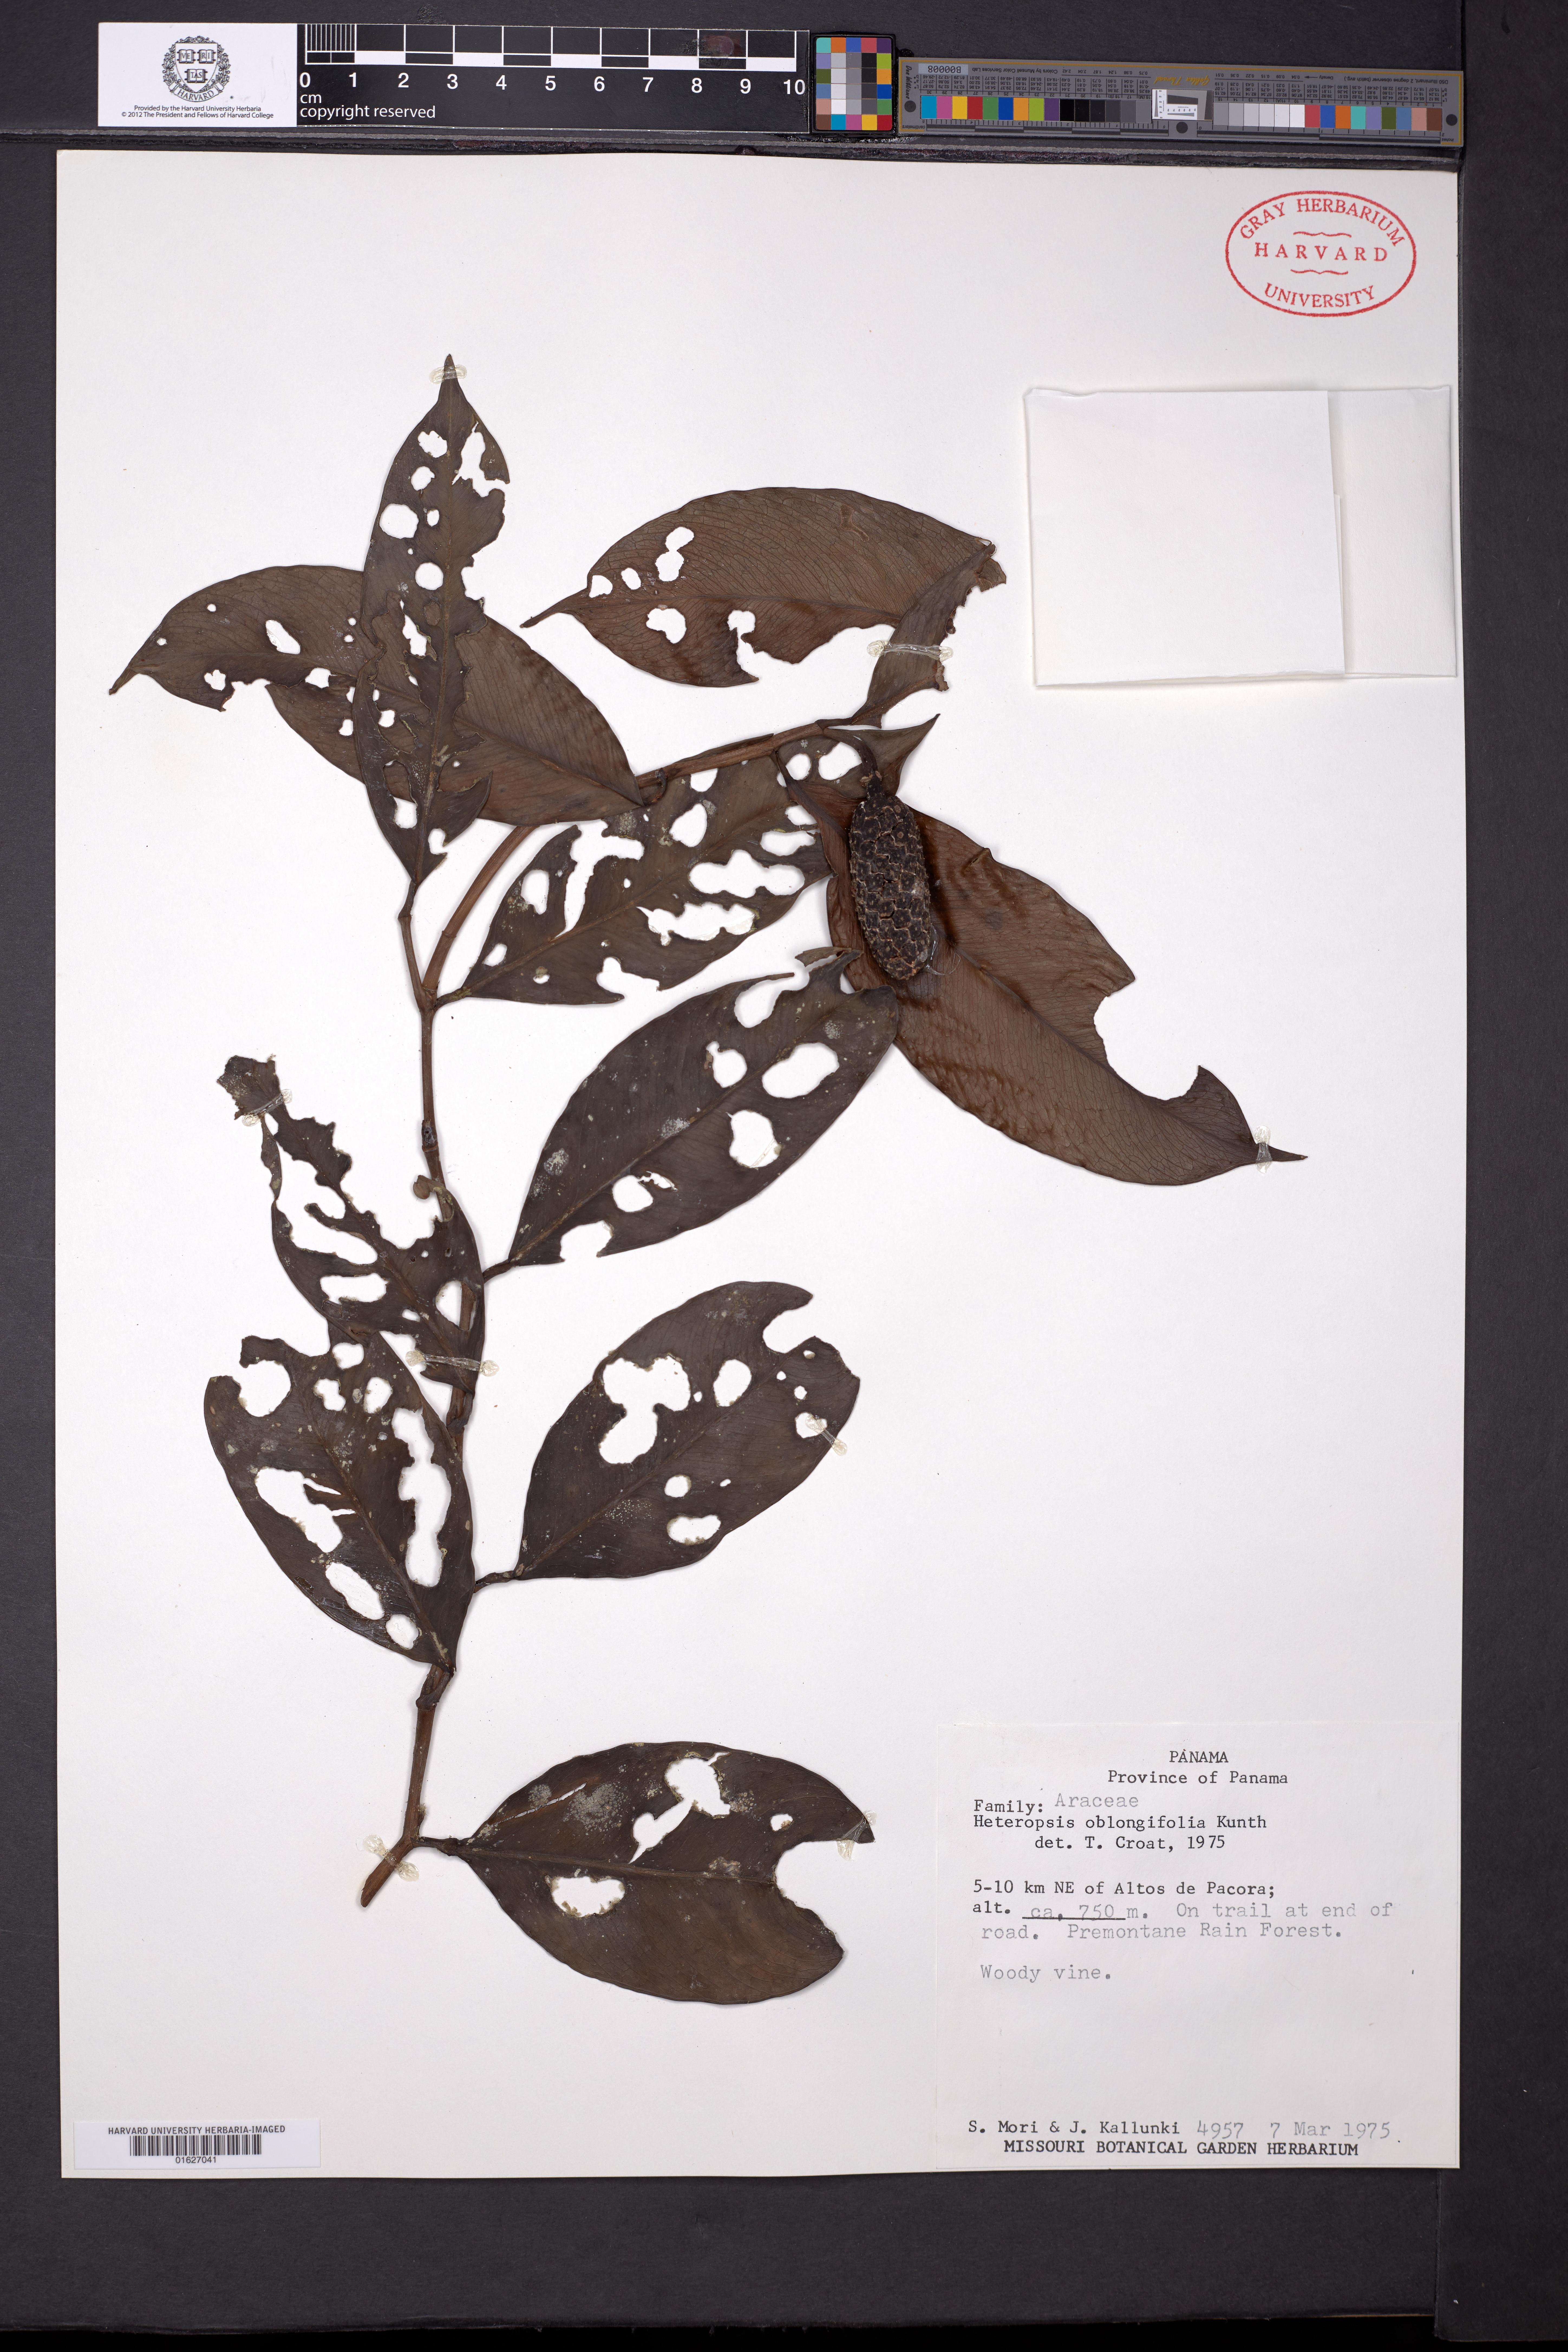 Heteropsis image